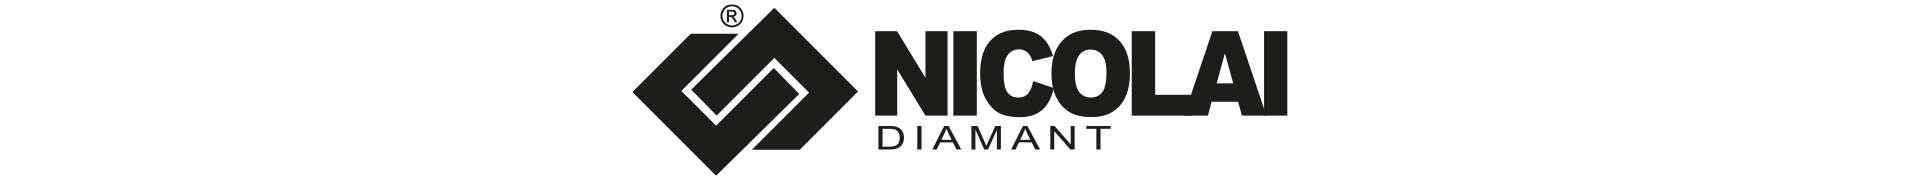 Nicolai Diamant Logo